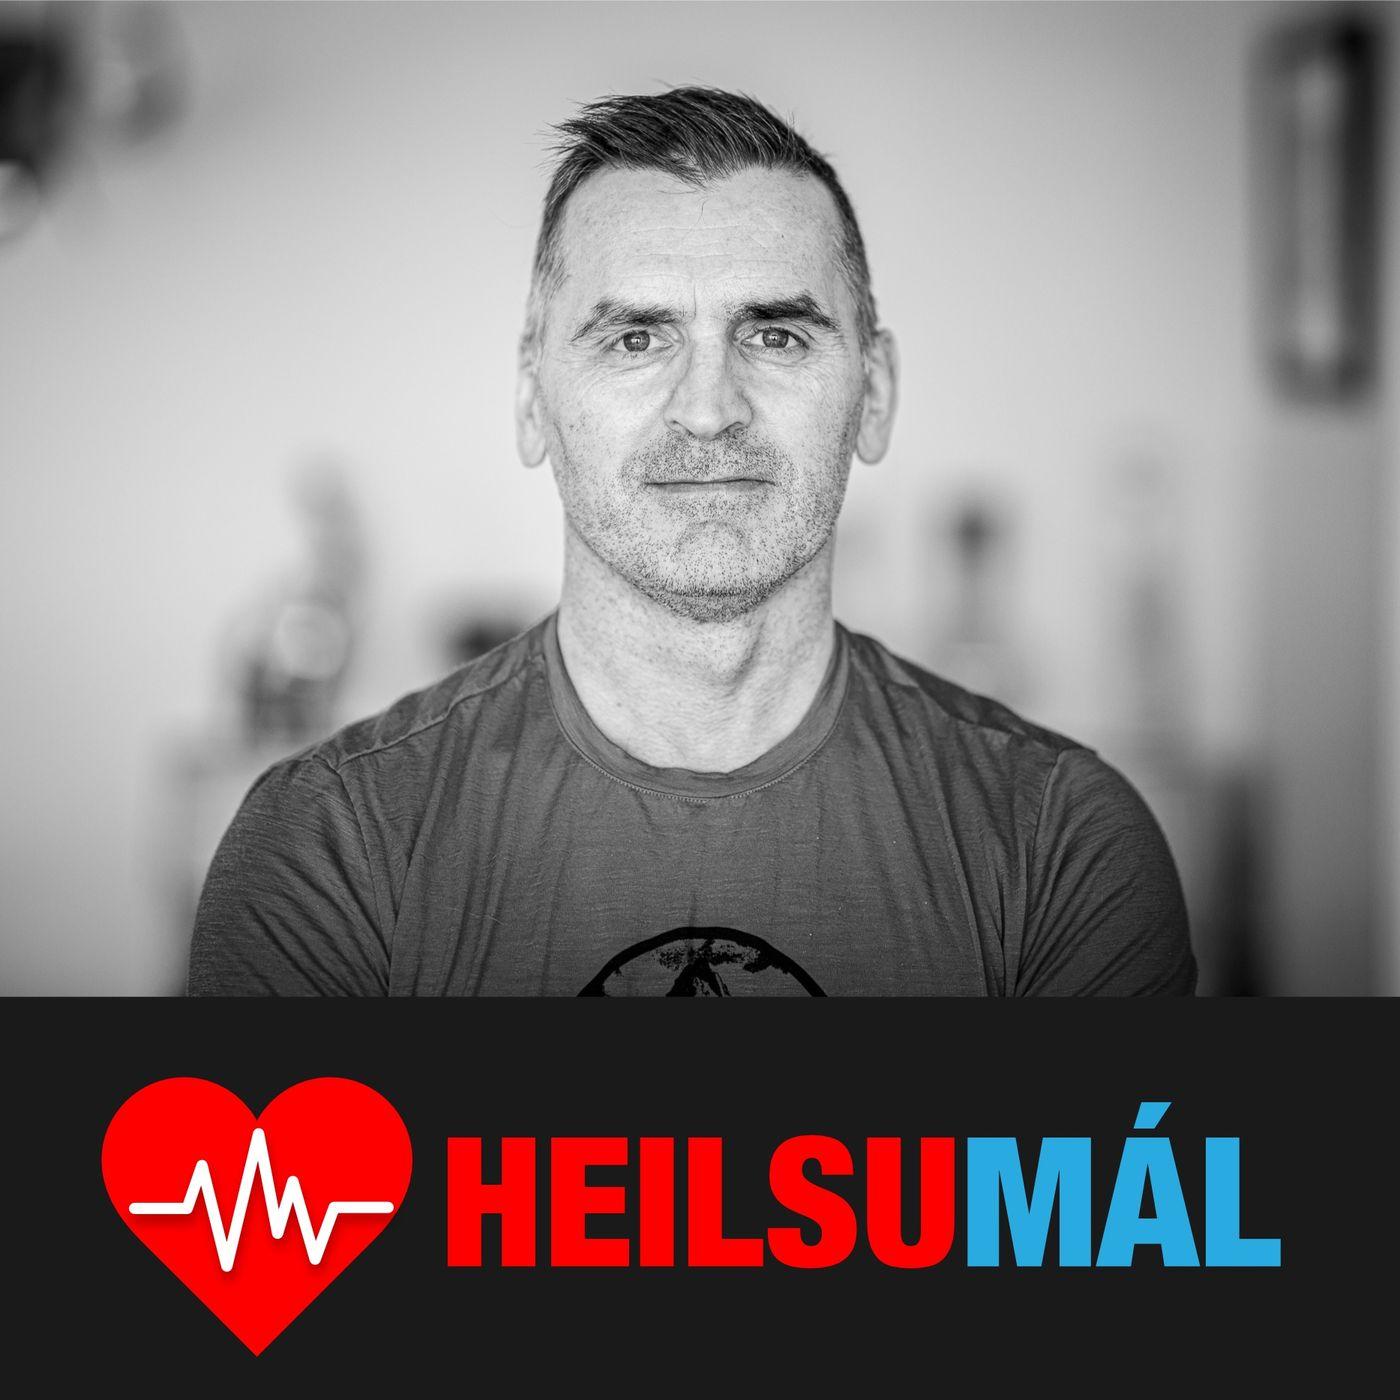 Heilsumál 14 - Náðu slökun með réttri öndun & fríköfun - Birgir Skúlason